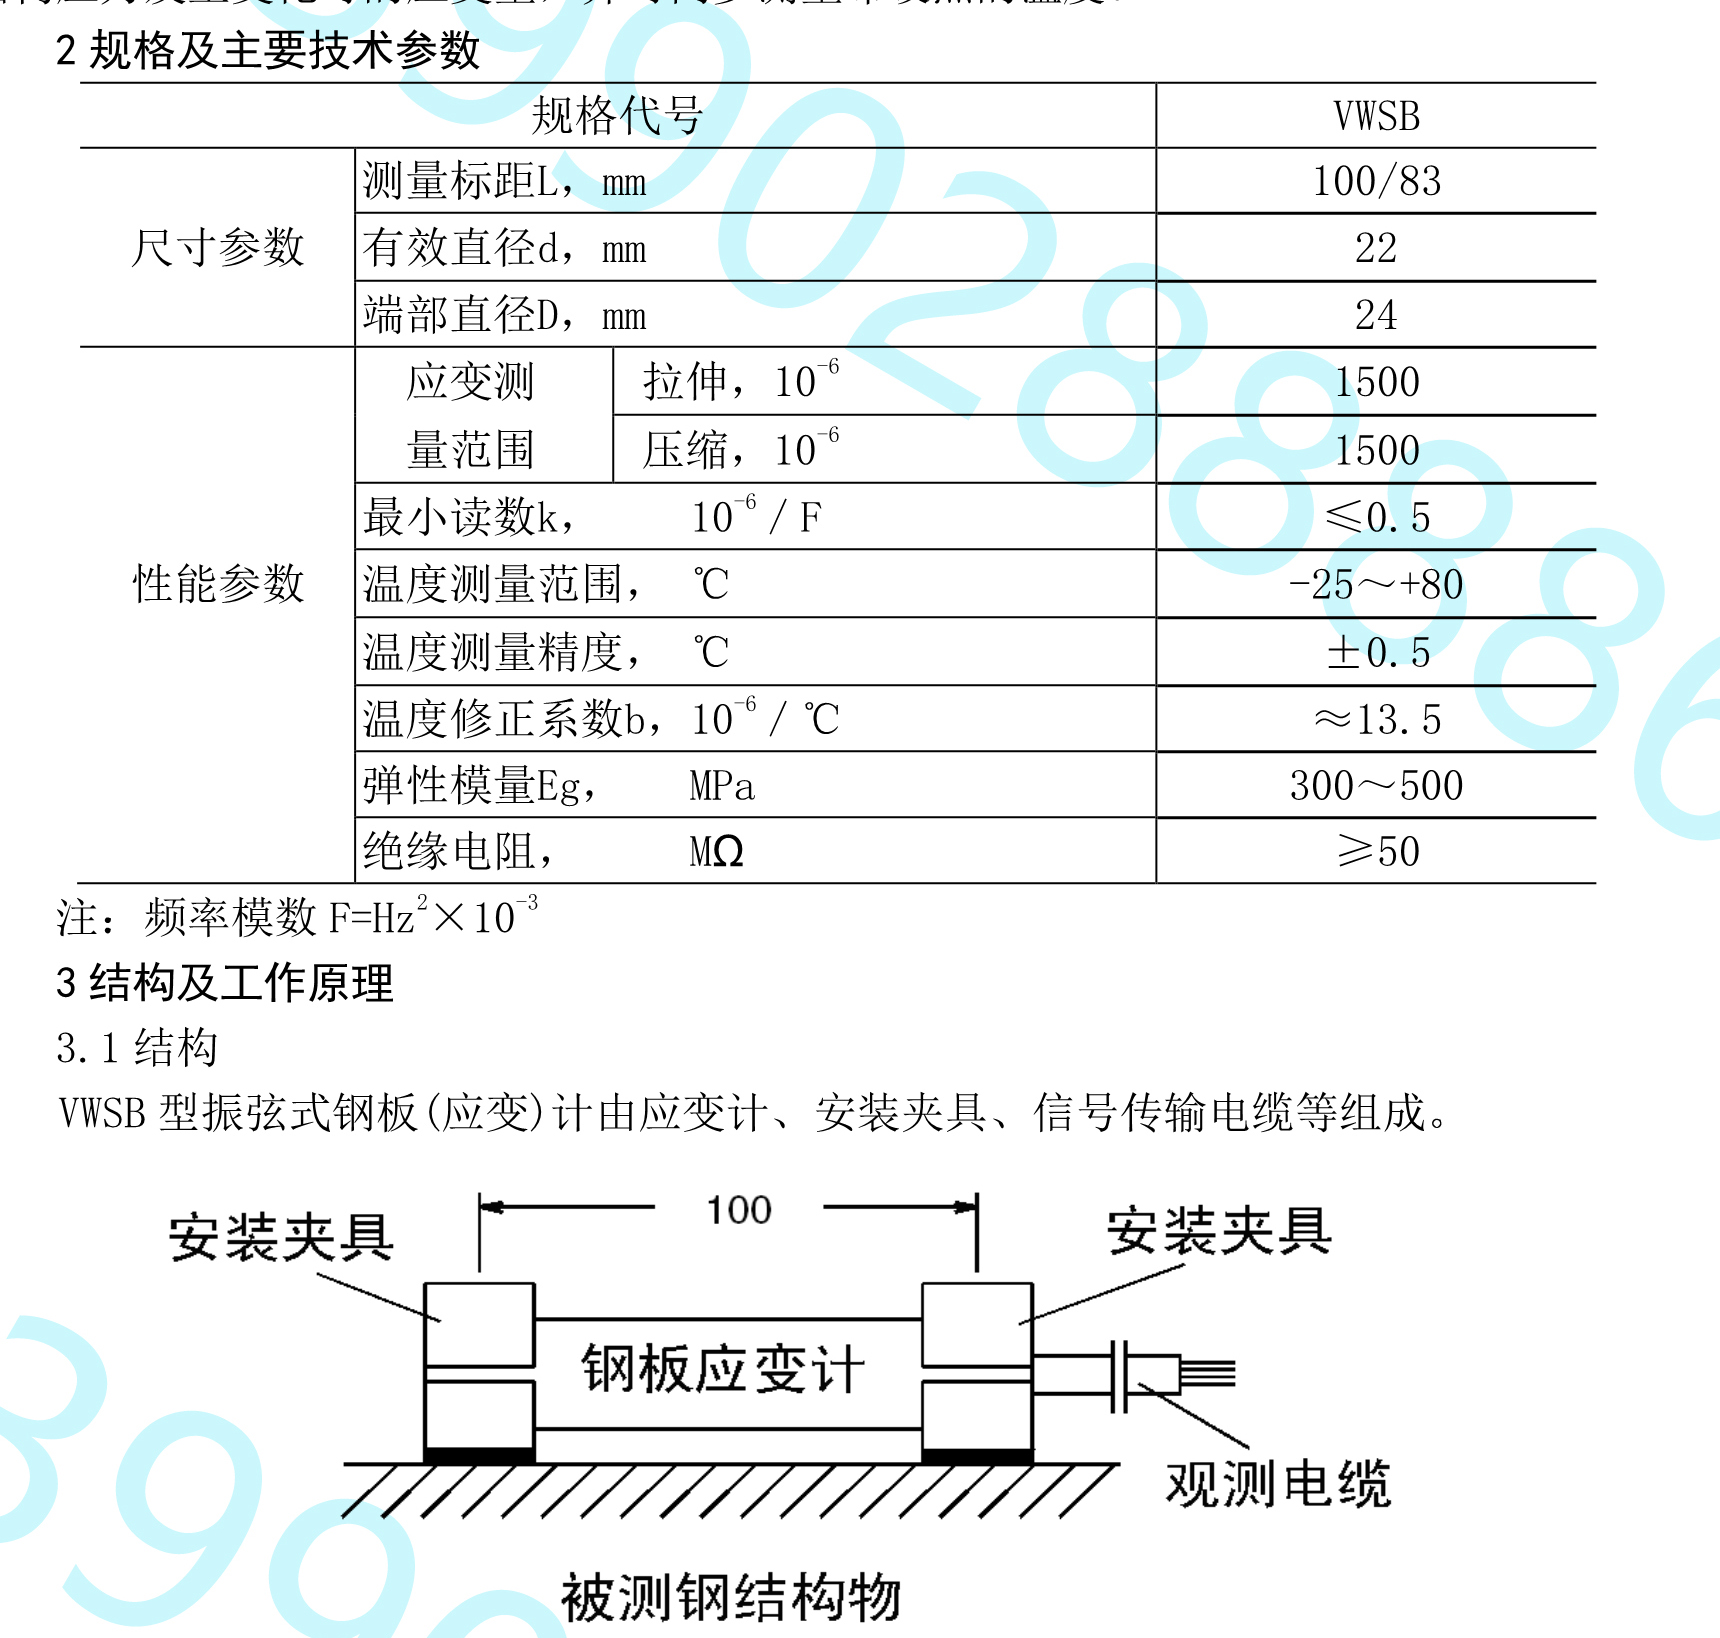 【四川葛南仪器】VWSB型振弦式钢板计产品使用说明书